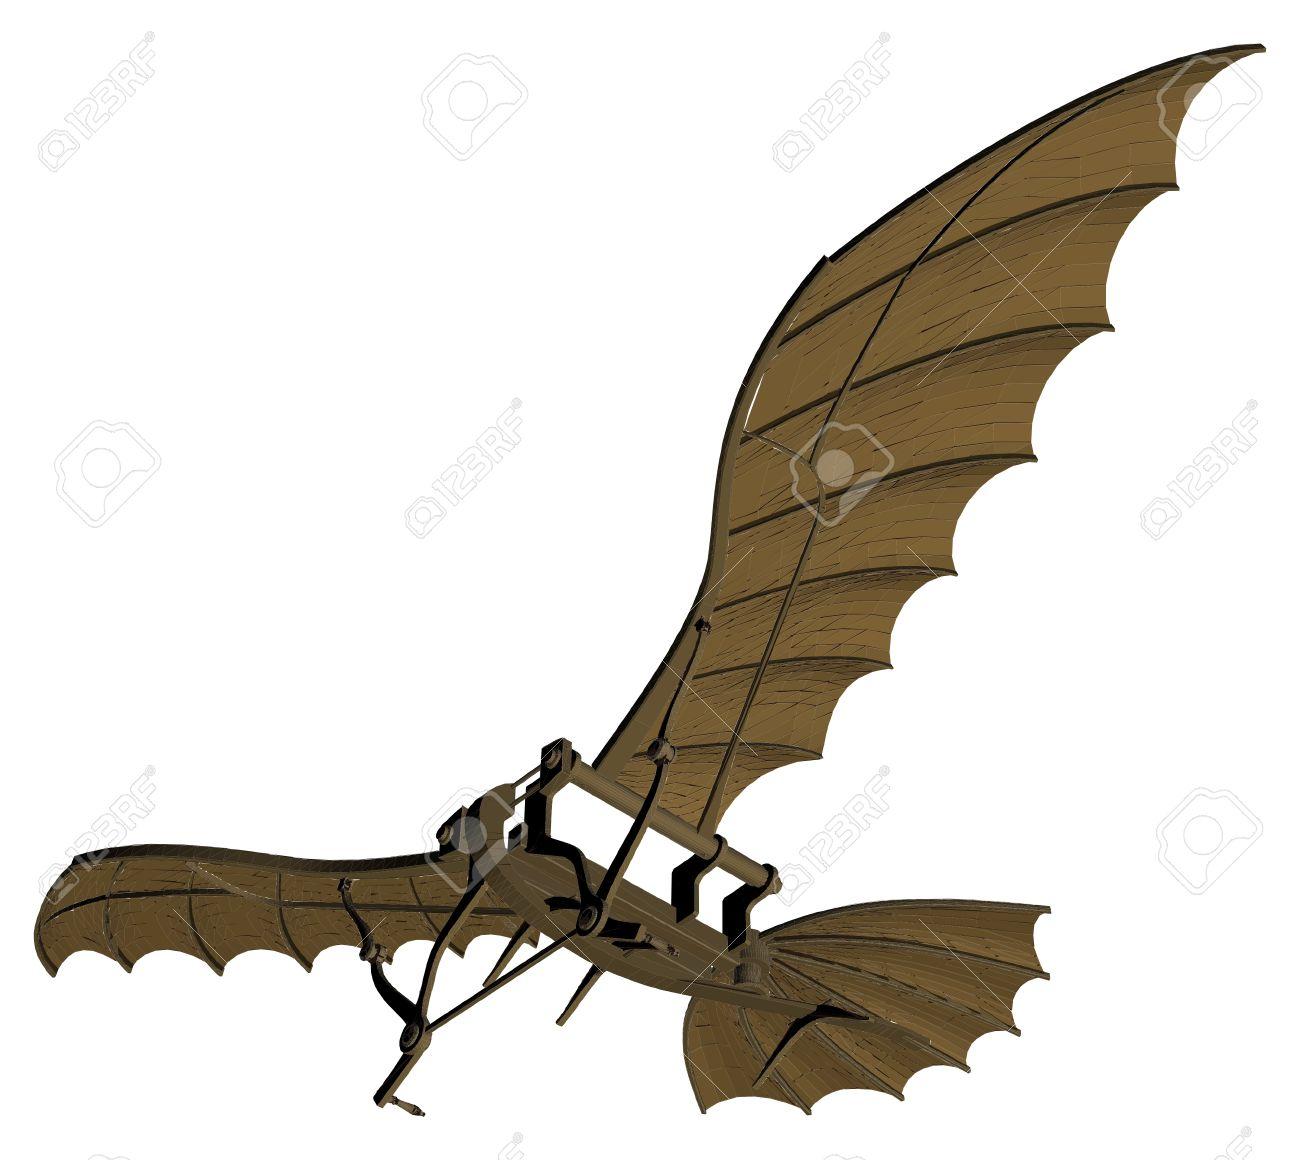 Flying Machine Based On The Leonardo da Vinci Antique Light Hang Glider Vector - 46909212